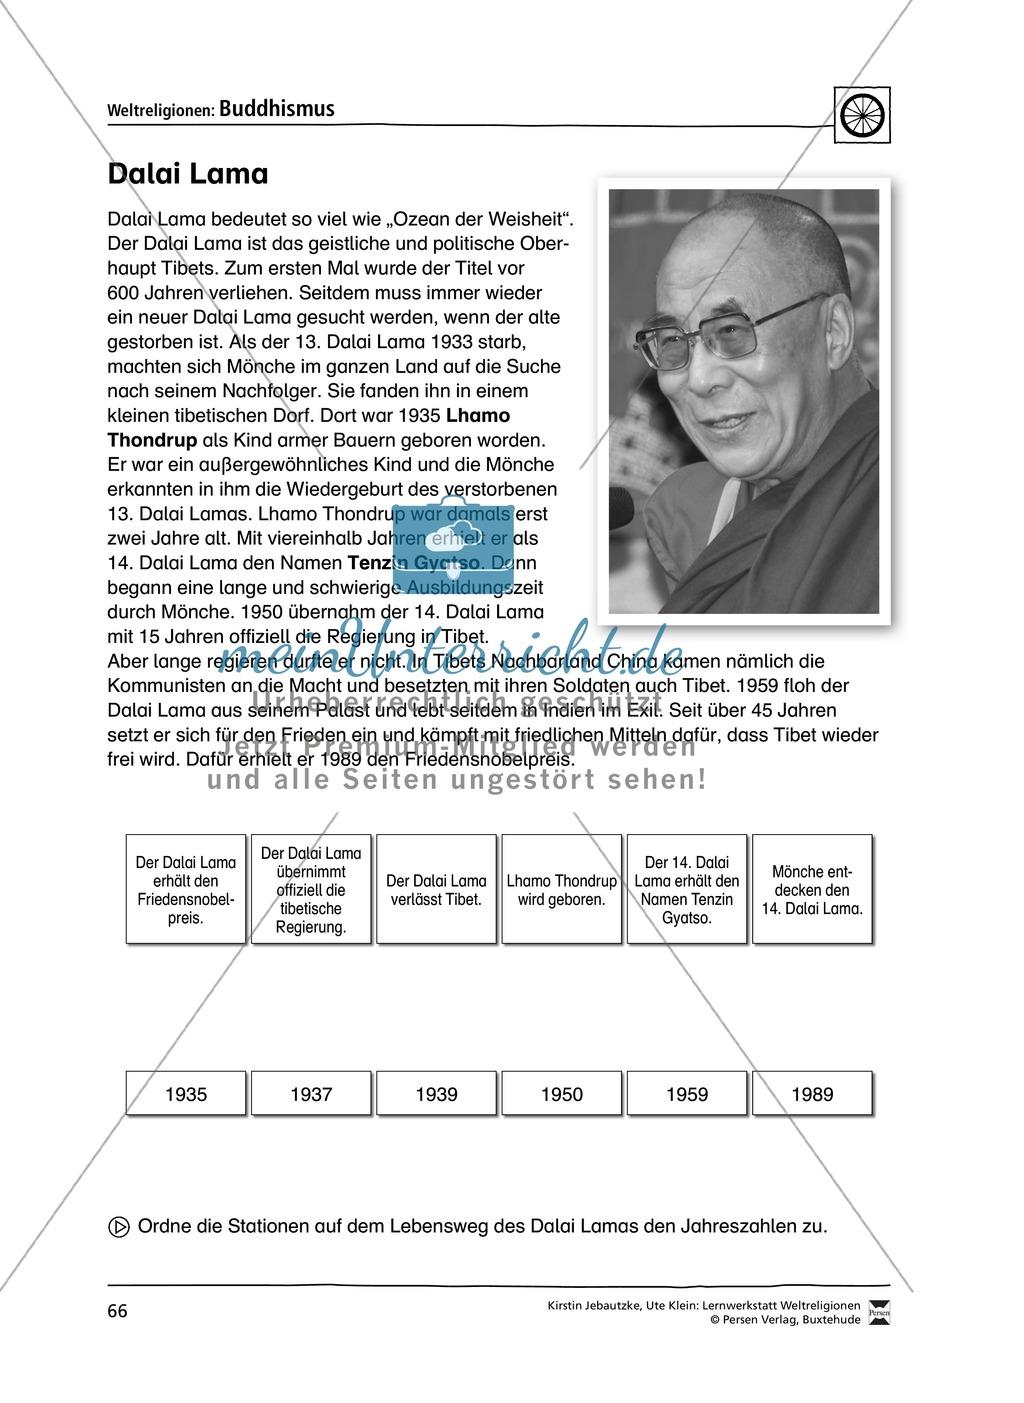 Unterrichtsmaterial zum Buddhismus - mit Infomaterial zu Buddha, Regeln, Stupas und Tempel, Feiertagen uvm. Preview 8